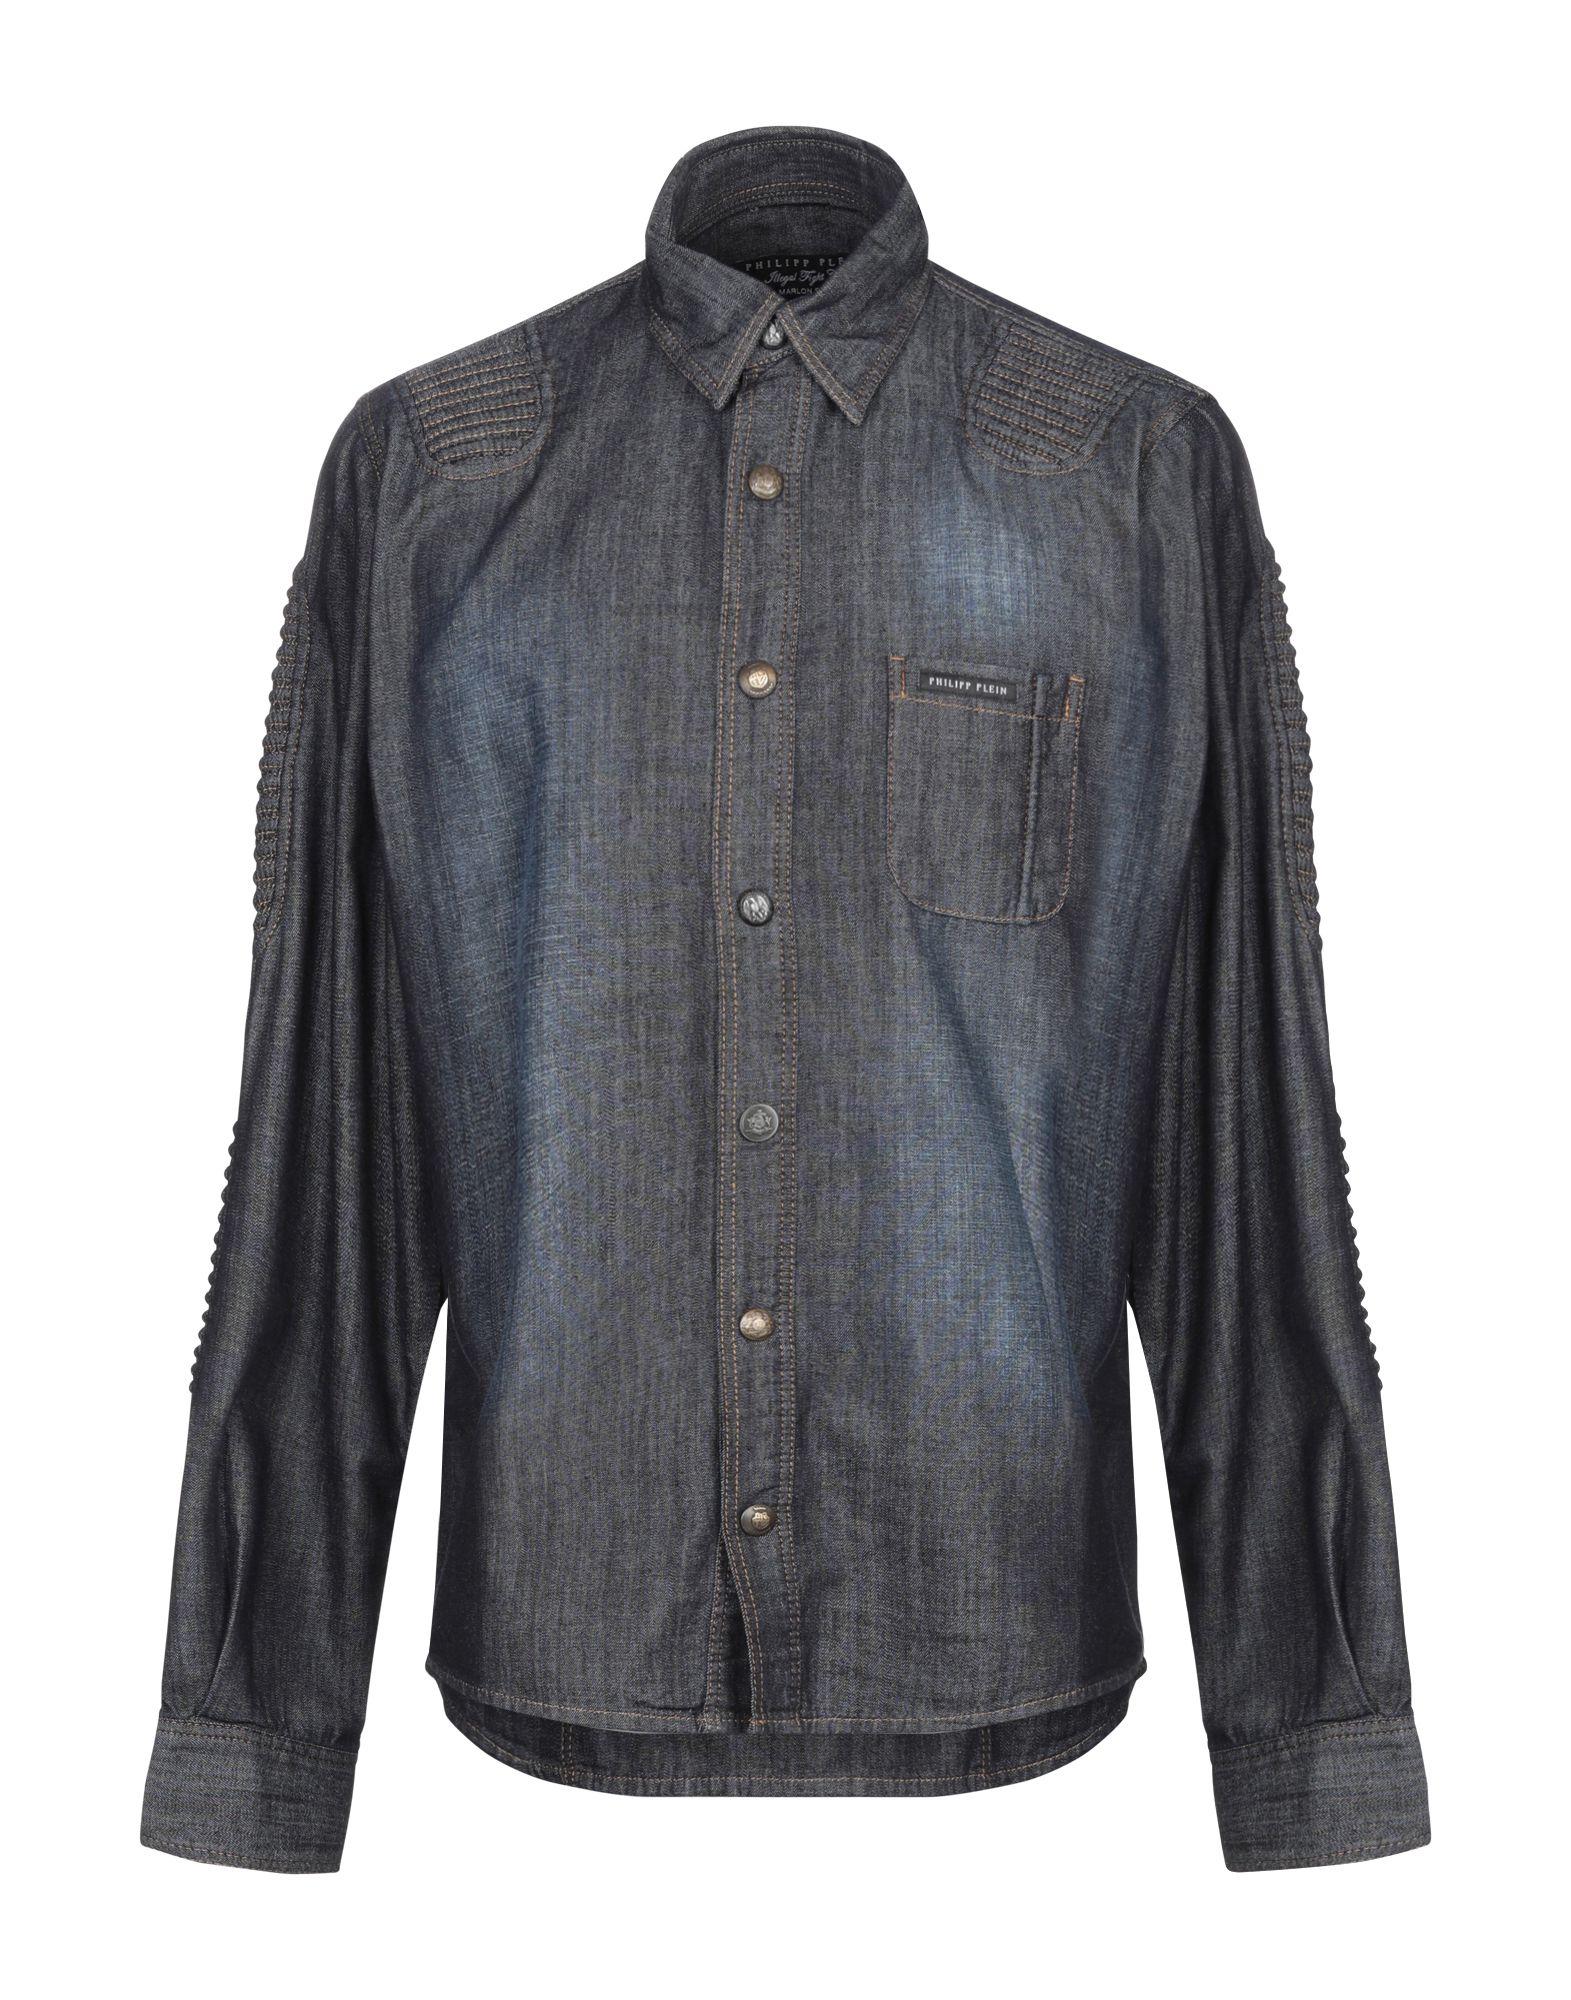 купить PHILIPP PLEIN Джинсовая рубашка по цене 18600 рублей